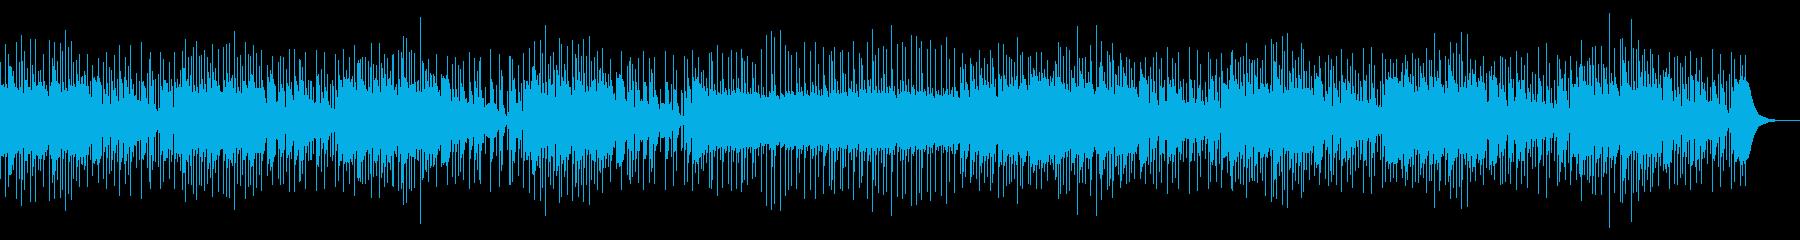 クイズで考えているときの緊迫感ある曲の再生済みの波形